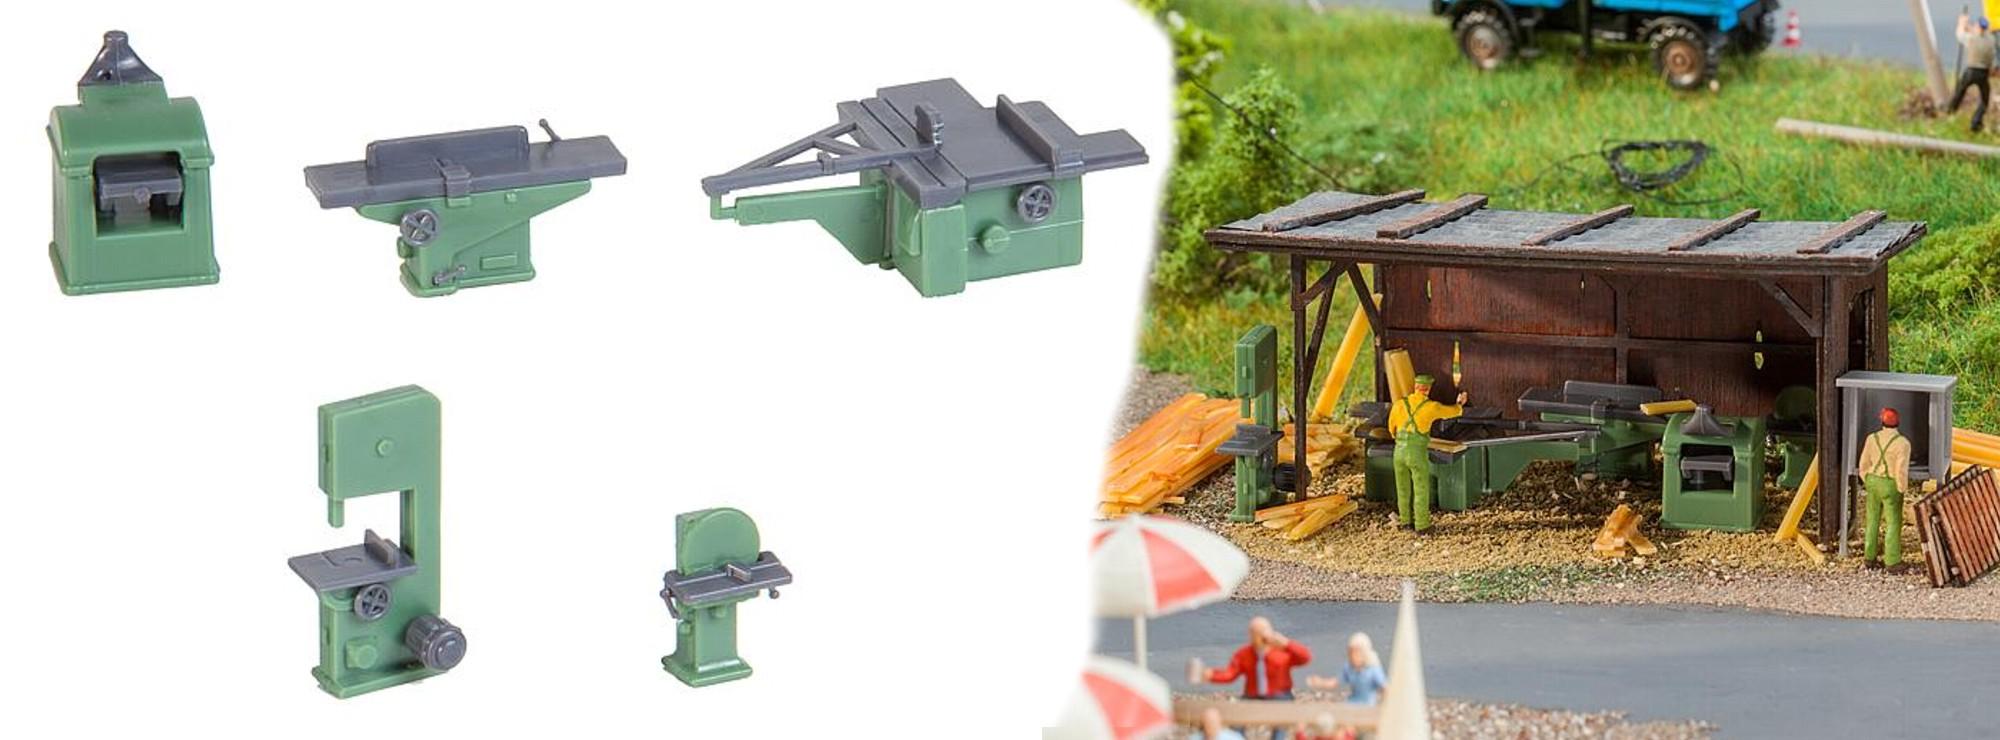 NEU in OVP Faller 180961 Holzbearbeitungsmaschinen